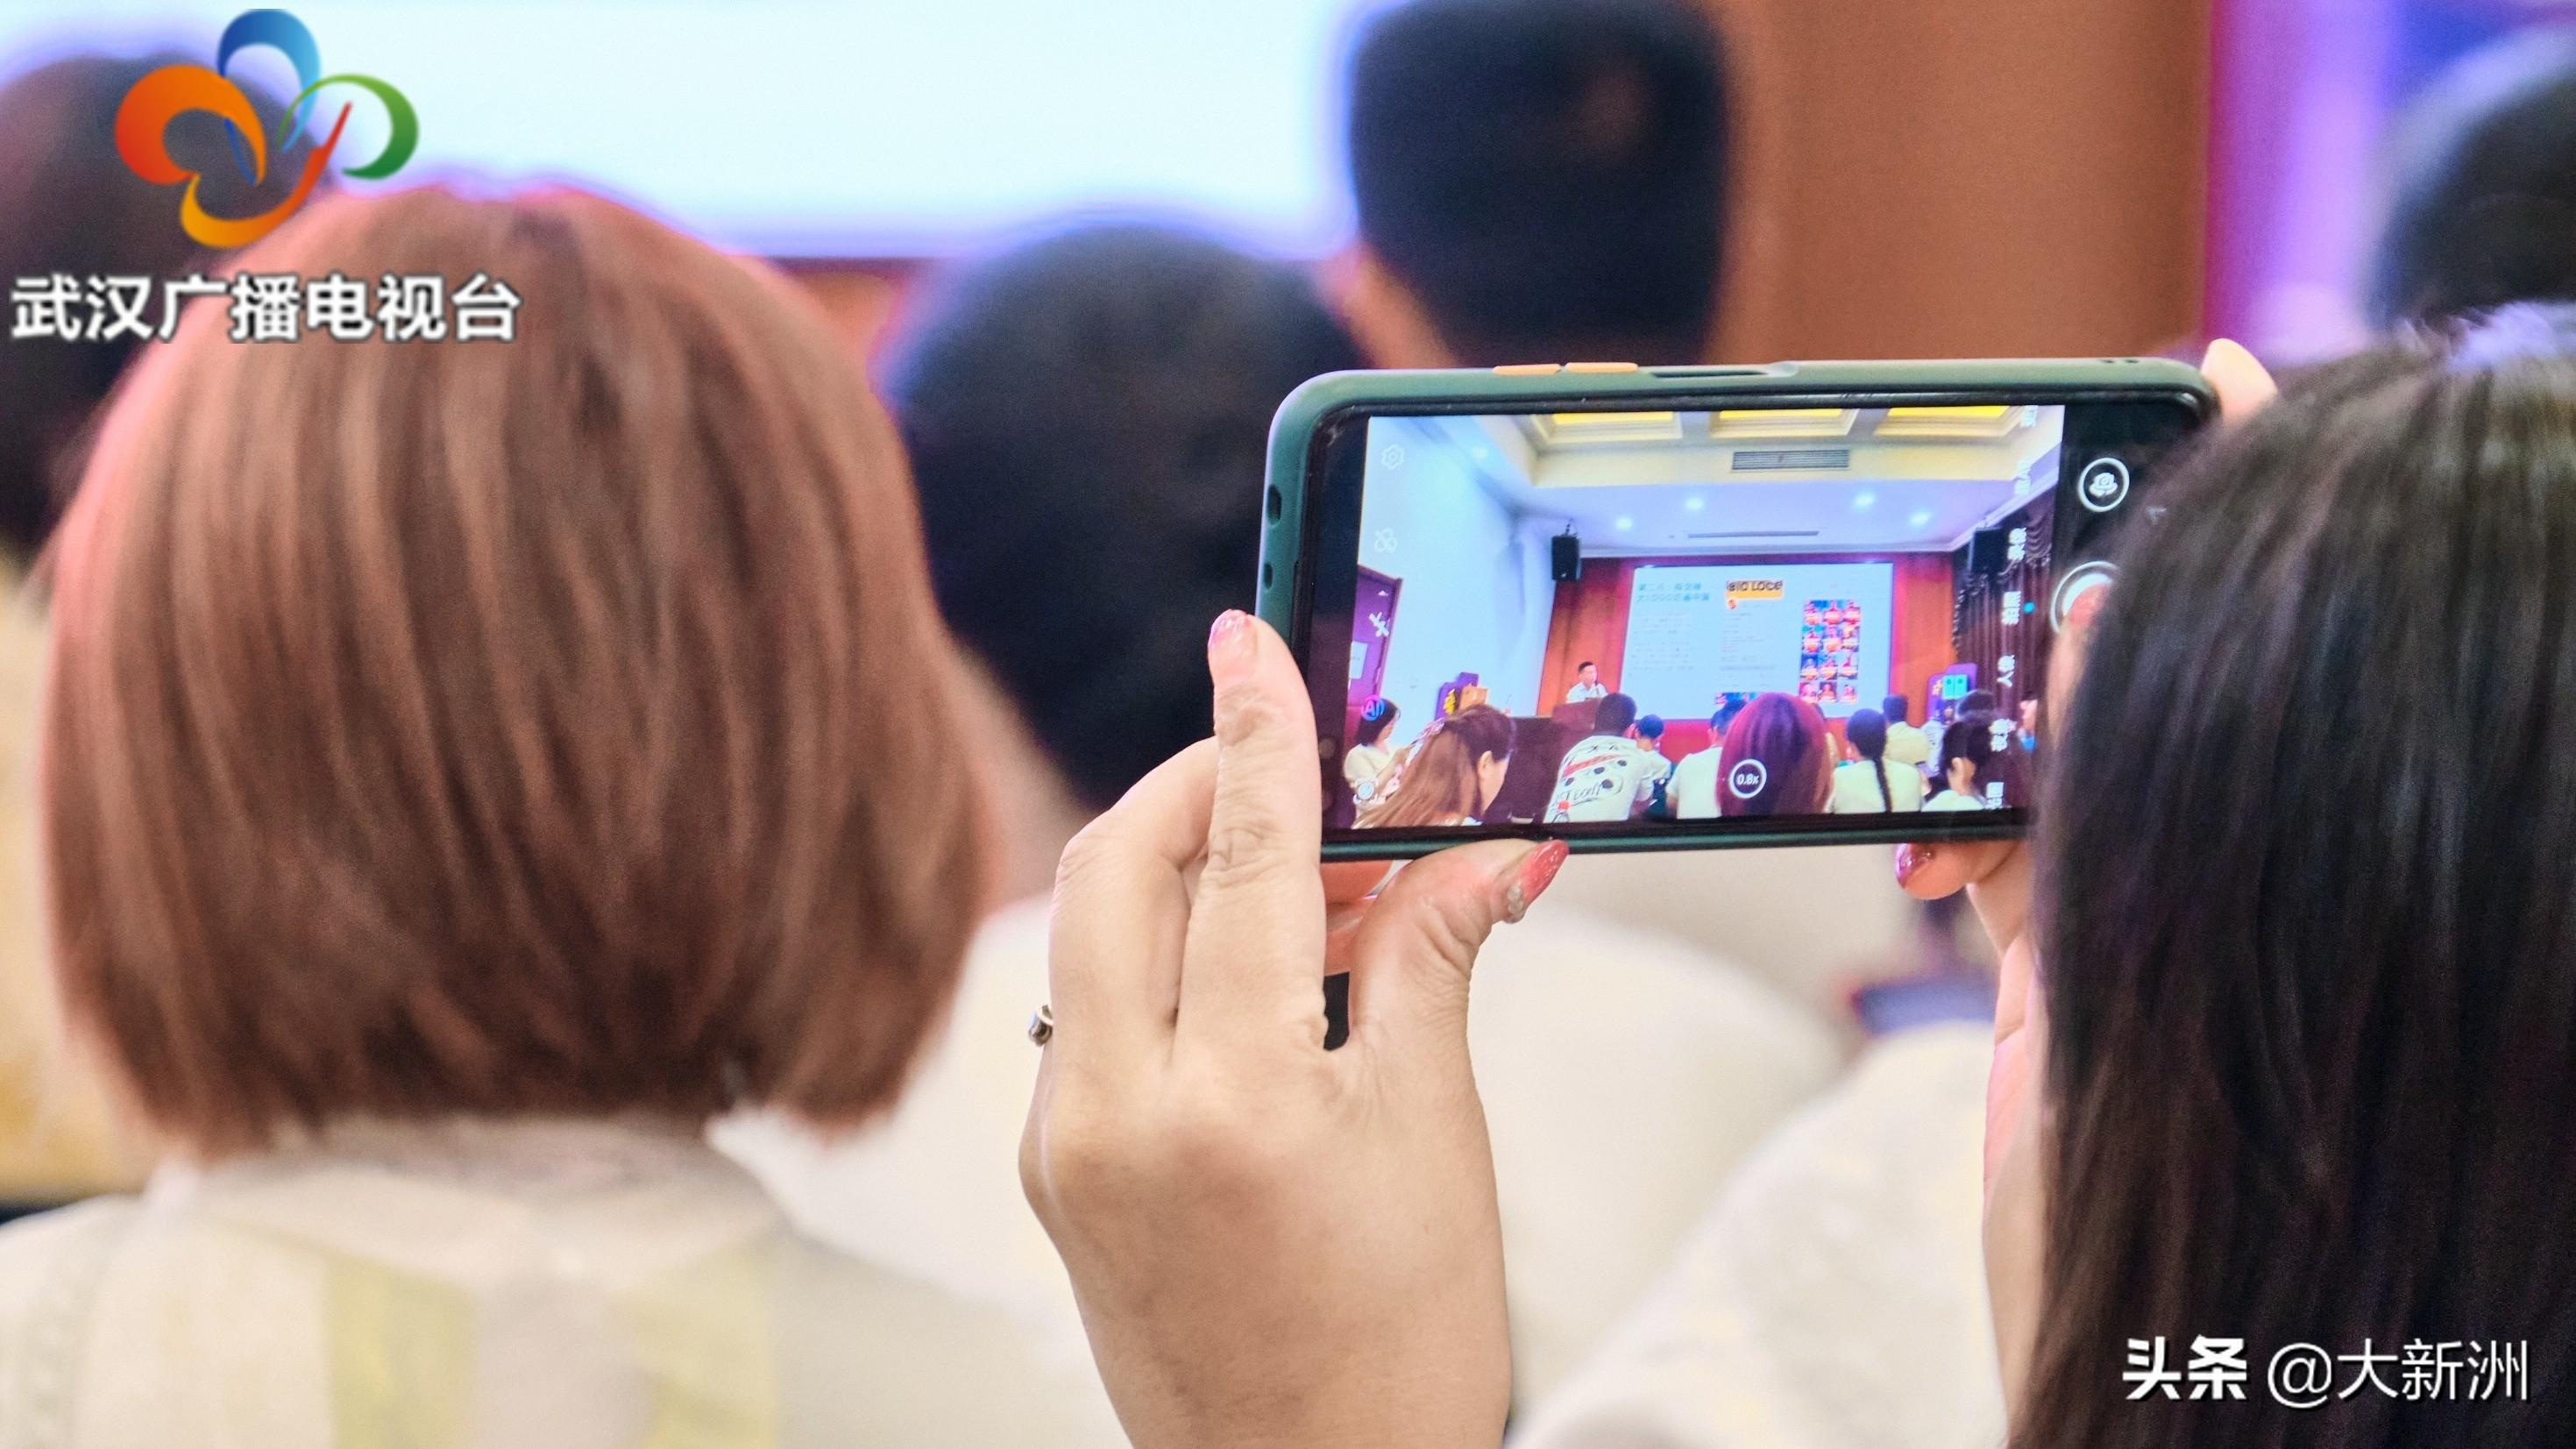 助力企业发展 新洲区召开短视频及直播能力提升培训会